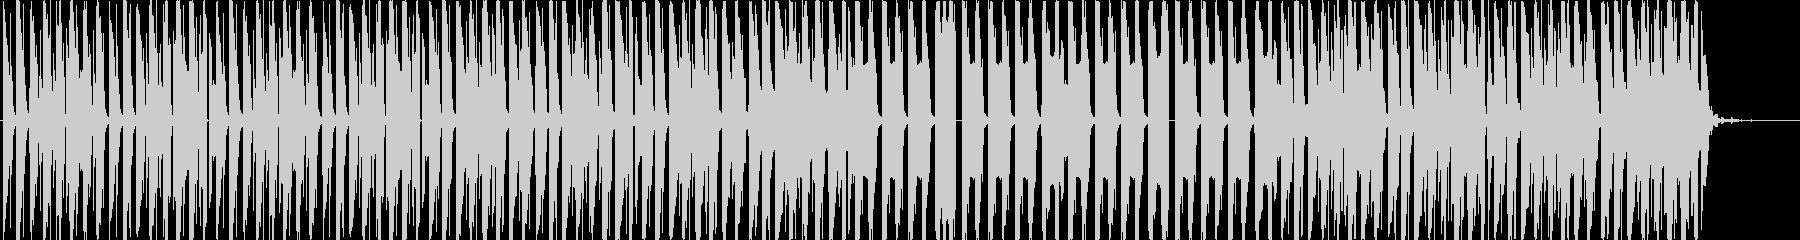 ロボットがダンスするようなエレクトロの未再生の波形